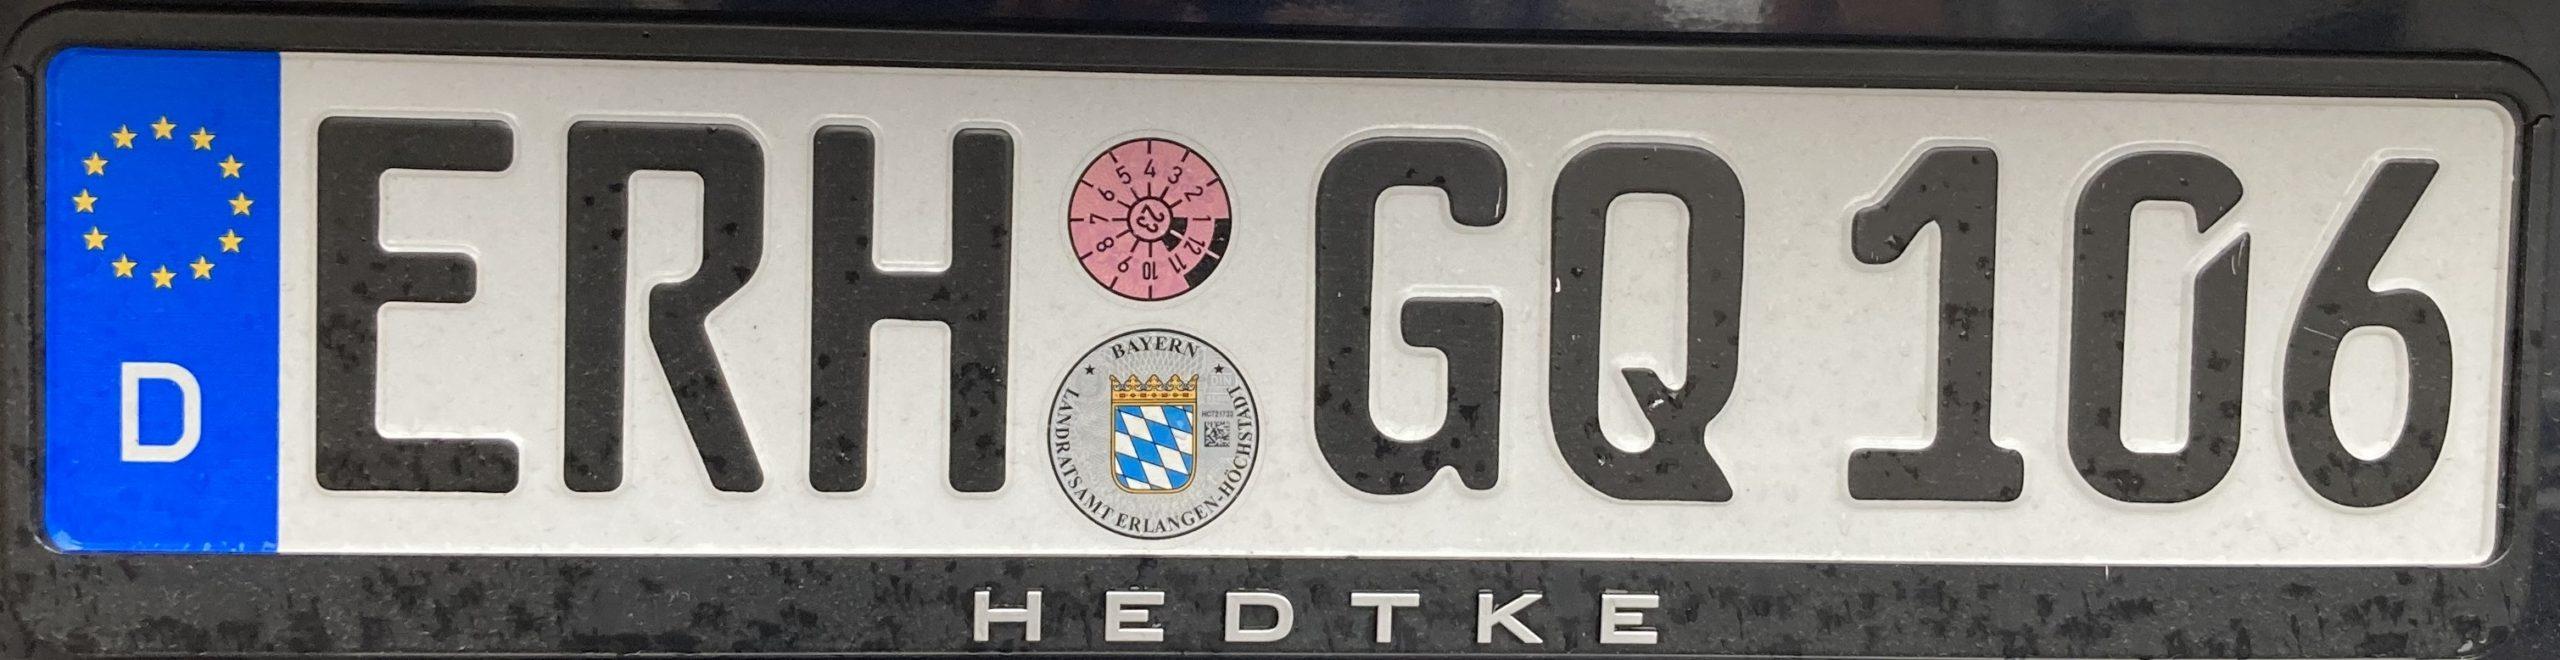 Registrační značka Německo - ERH - Erlangen-Höchstadt, foto: www.podalnici.cz